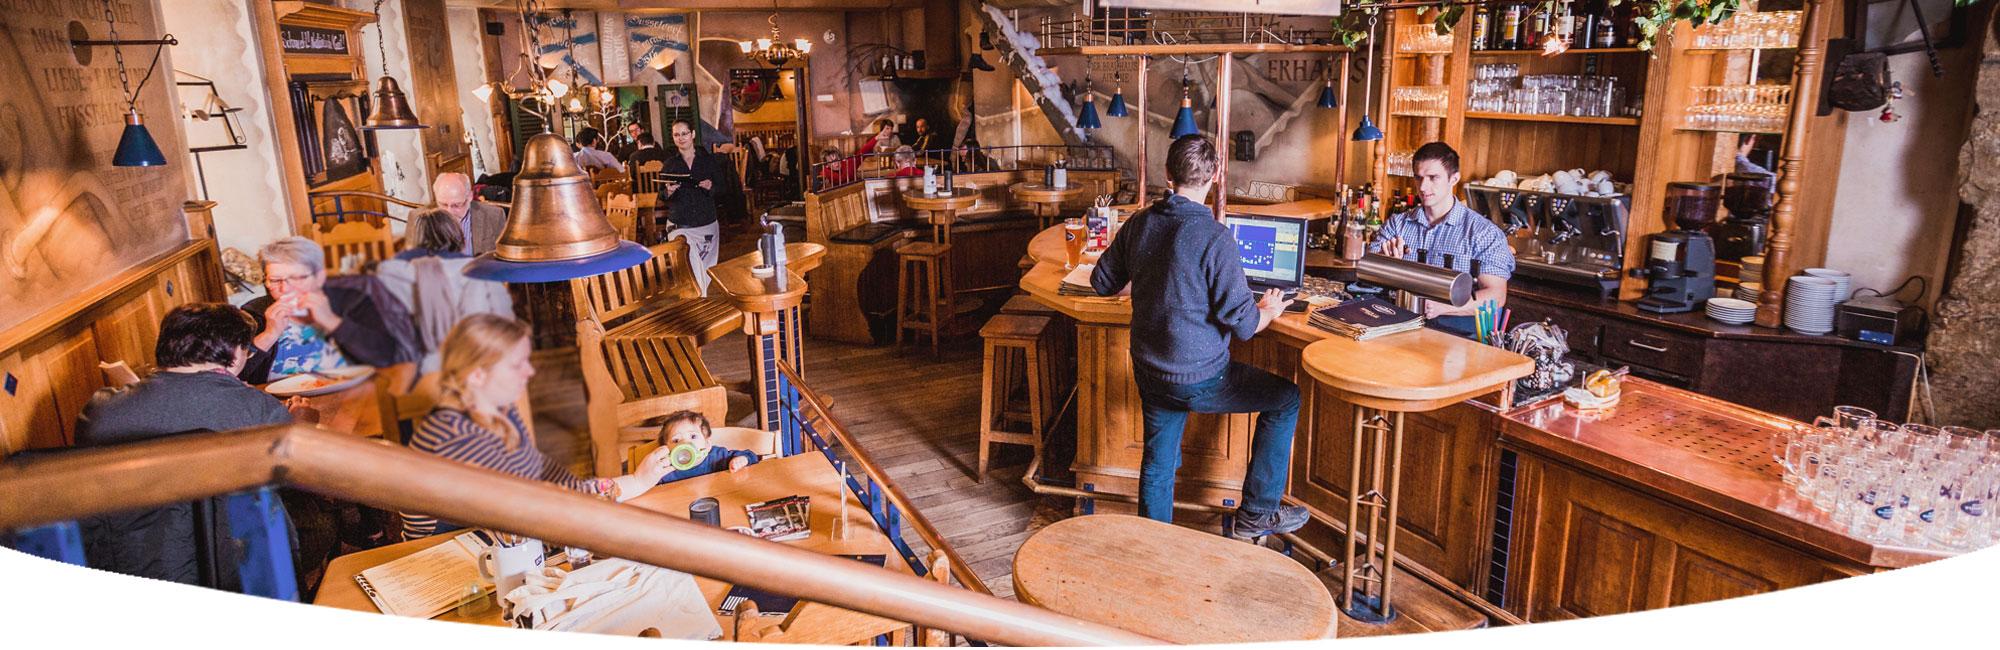 restaurant regensburg startseite essen in regensburg bayrische k che regensburg. Black Bedroom Furniture Sets. Home Design Ideas